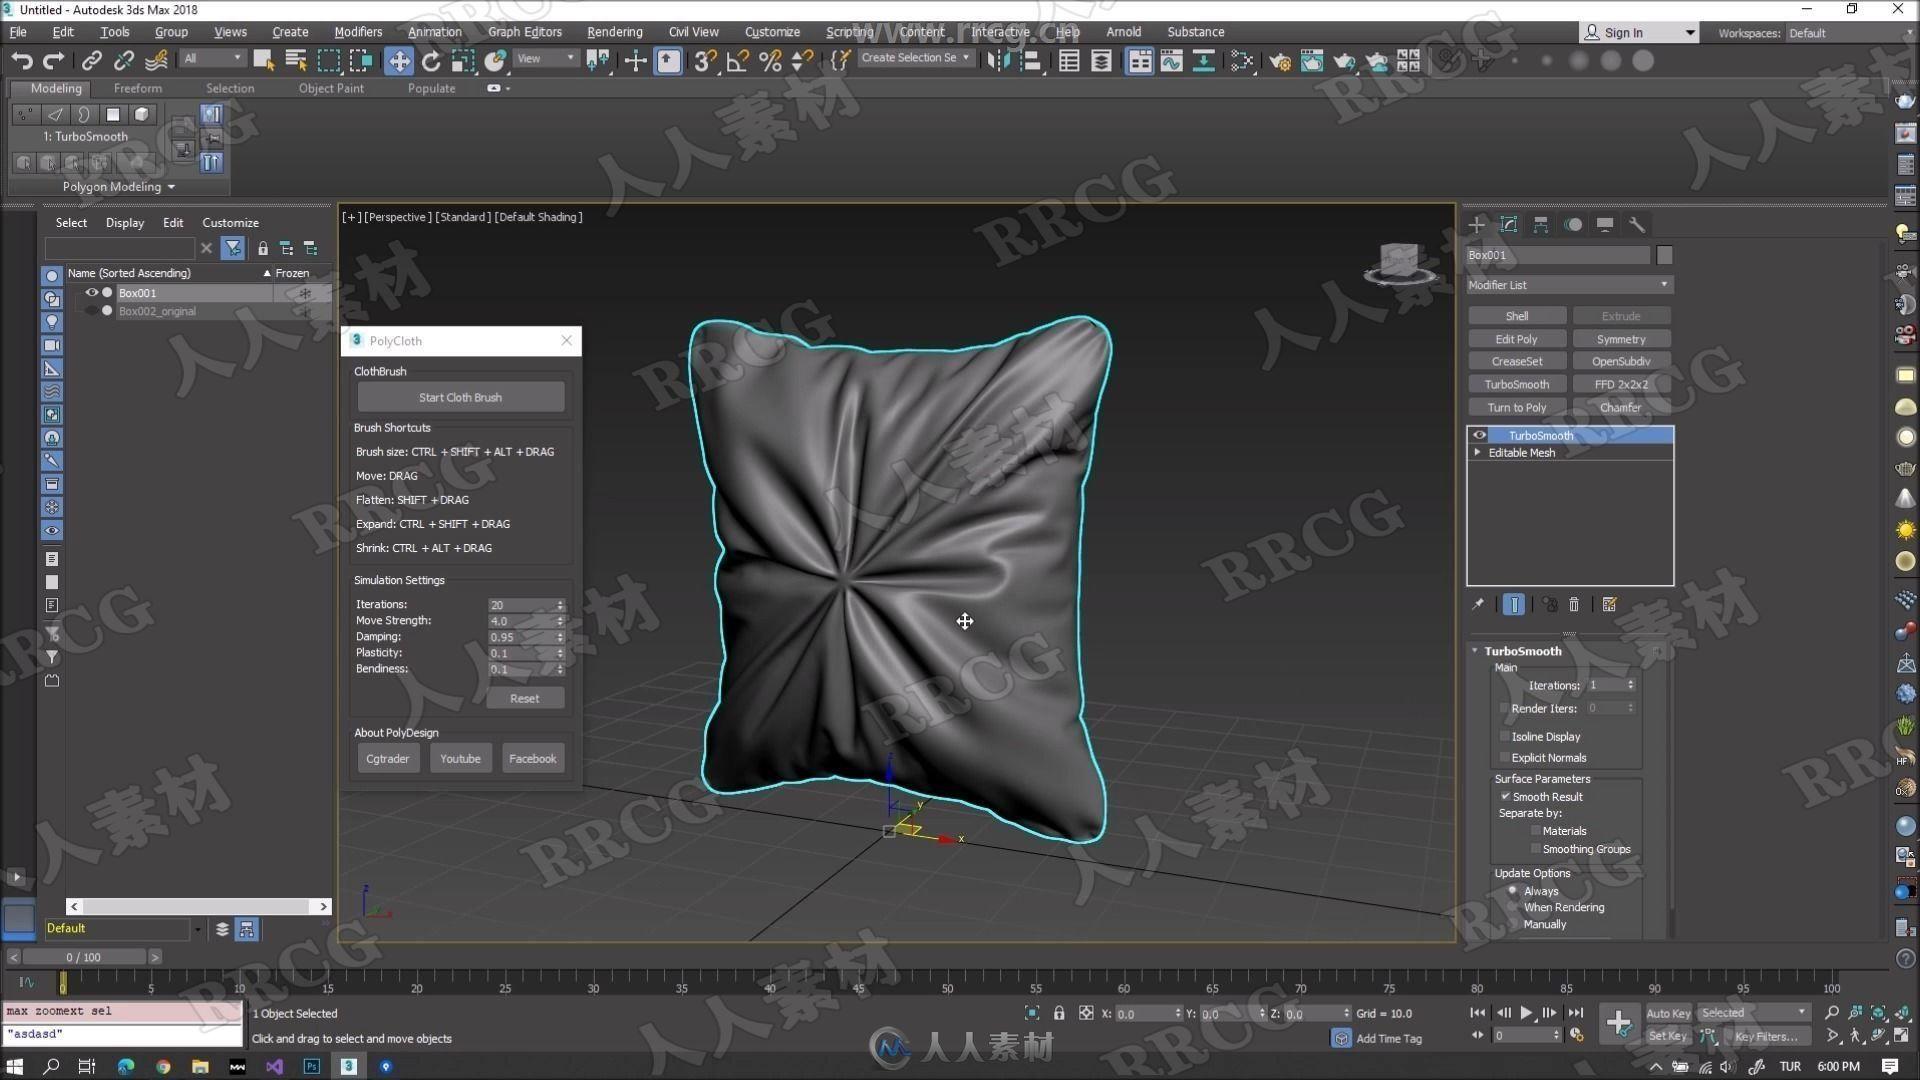 PolyCloth ClothBrush物理布料皱纹褶皱3dsmax插件V2.0.2版